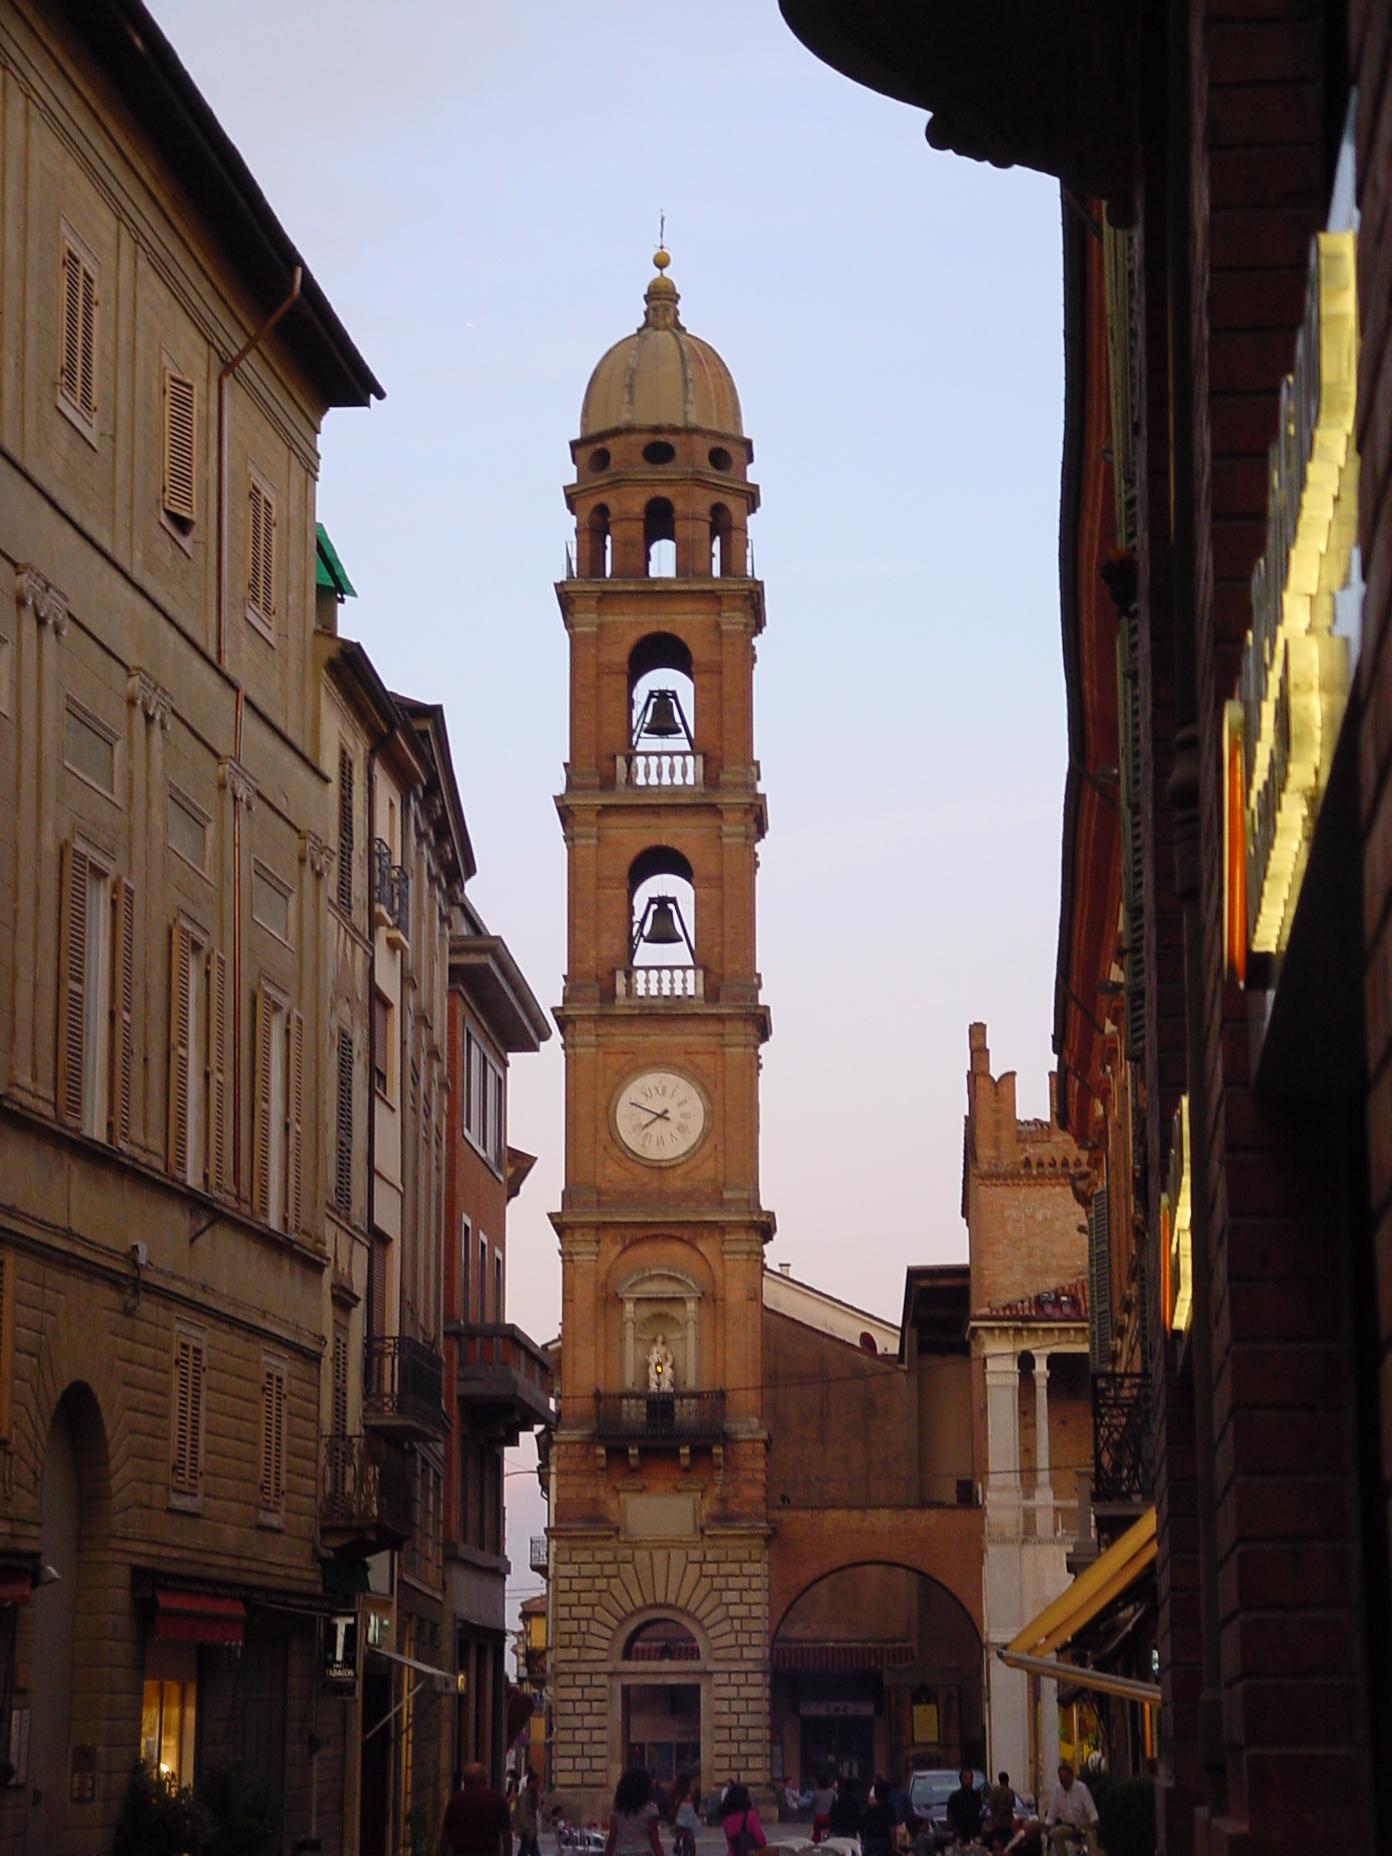 Faenza Italy  city photos gallery : Faenza belltower Wikimedia Commons